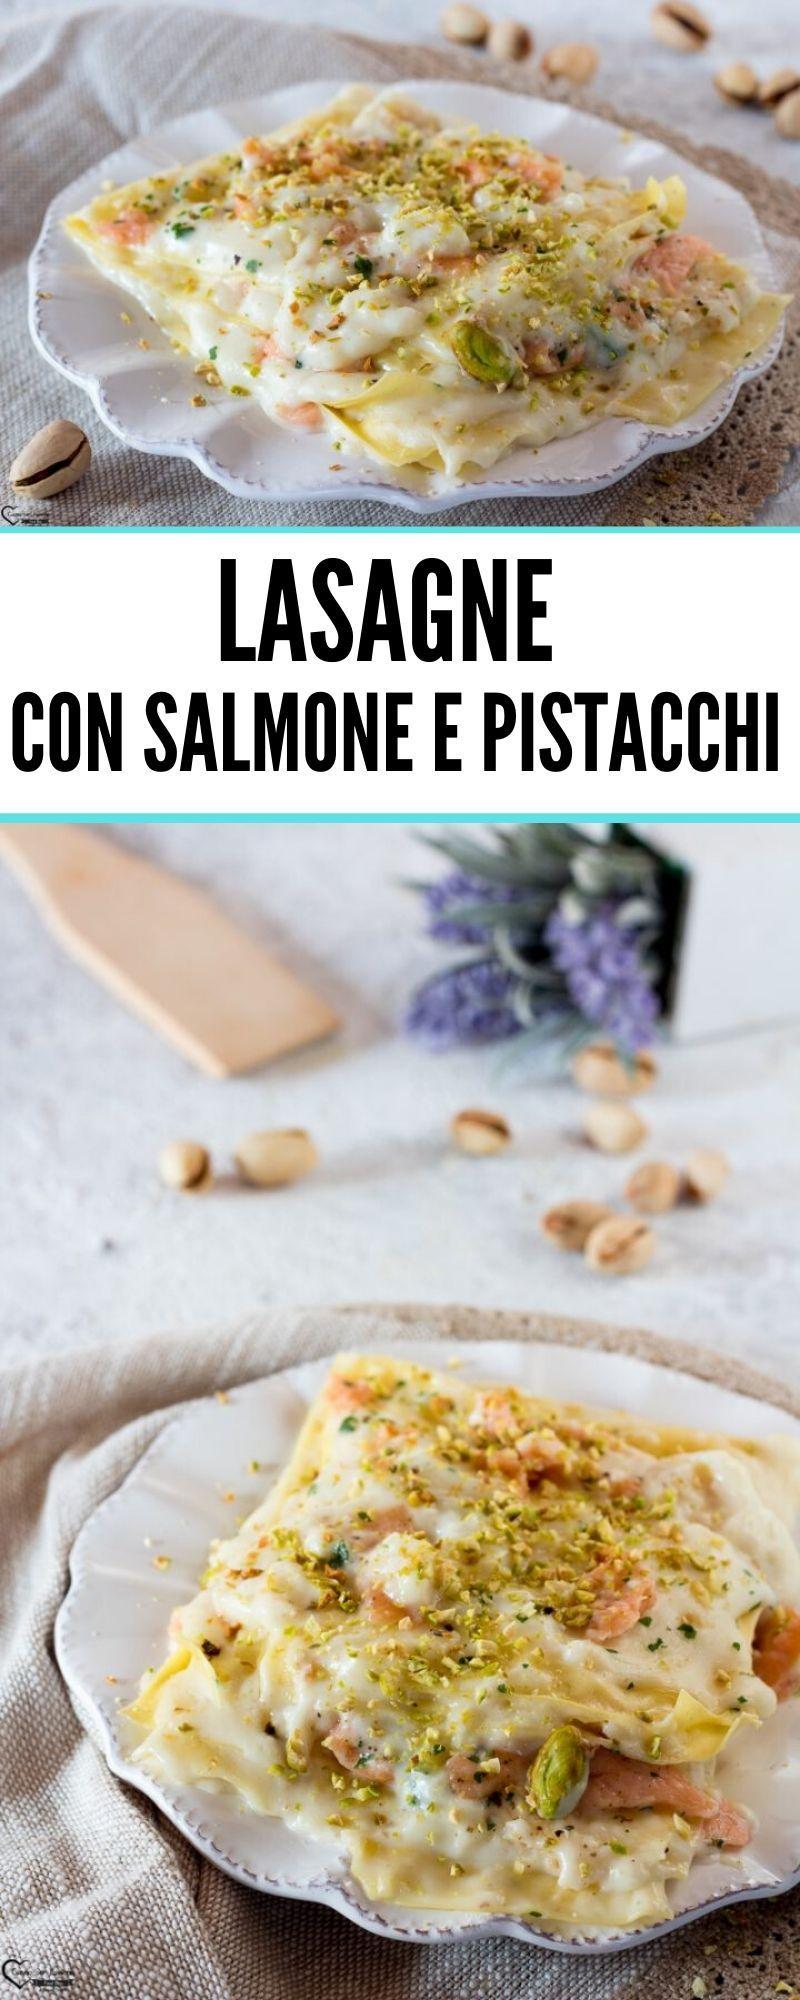 Ricetta Salmone Giallo Zafferano.Lasagne Con Salmone Affumicato Pistacchi Ricetta Pasticcio Salmone Ricette Pasti Italiani Idee Alimentari